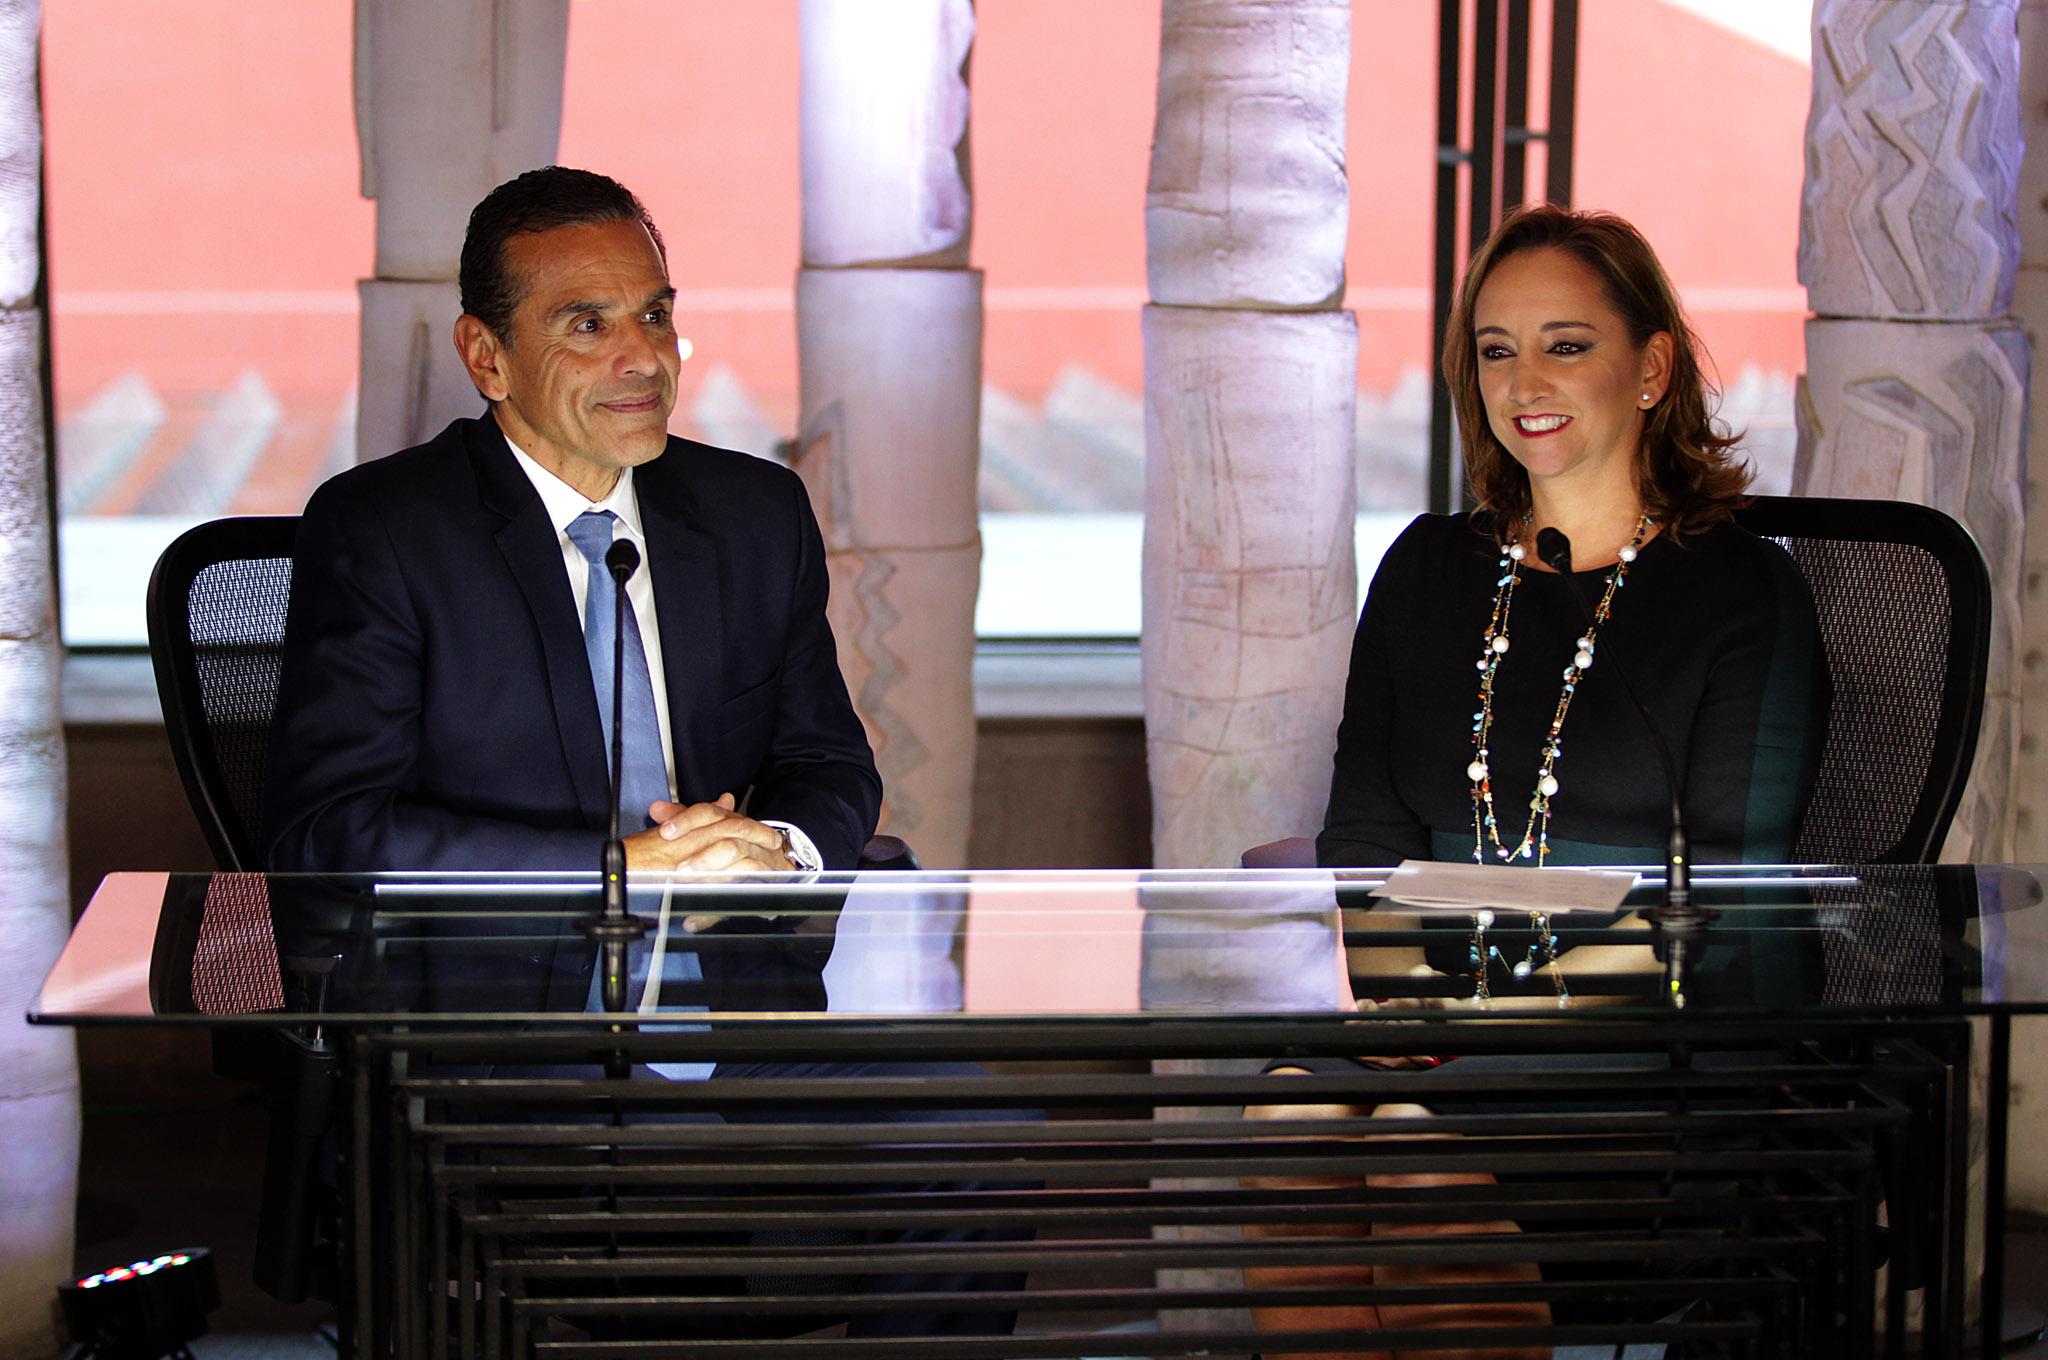 FOTO 3 La Canciller Claudia Ruiz Massieu entrevist  a Antonio Villaraigosa  exalcalde de Los  ngeles  para SRE Televisi n.jpg